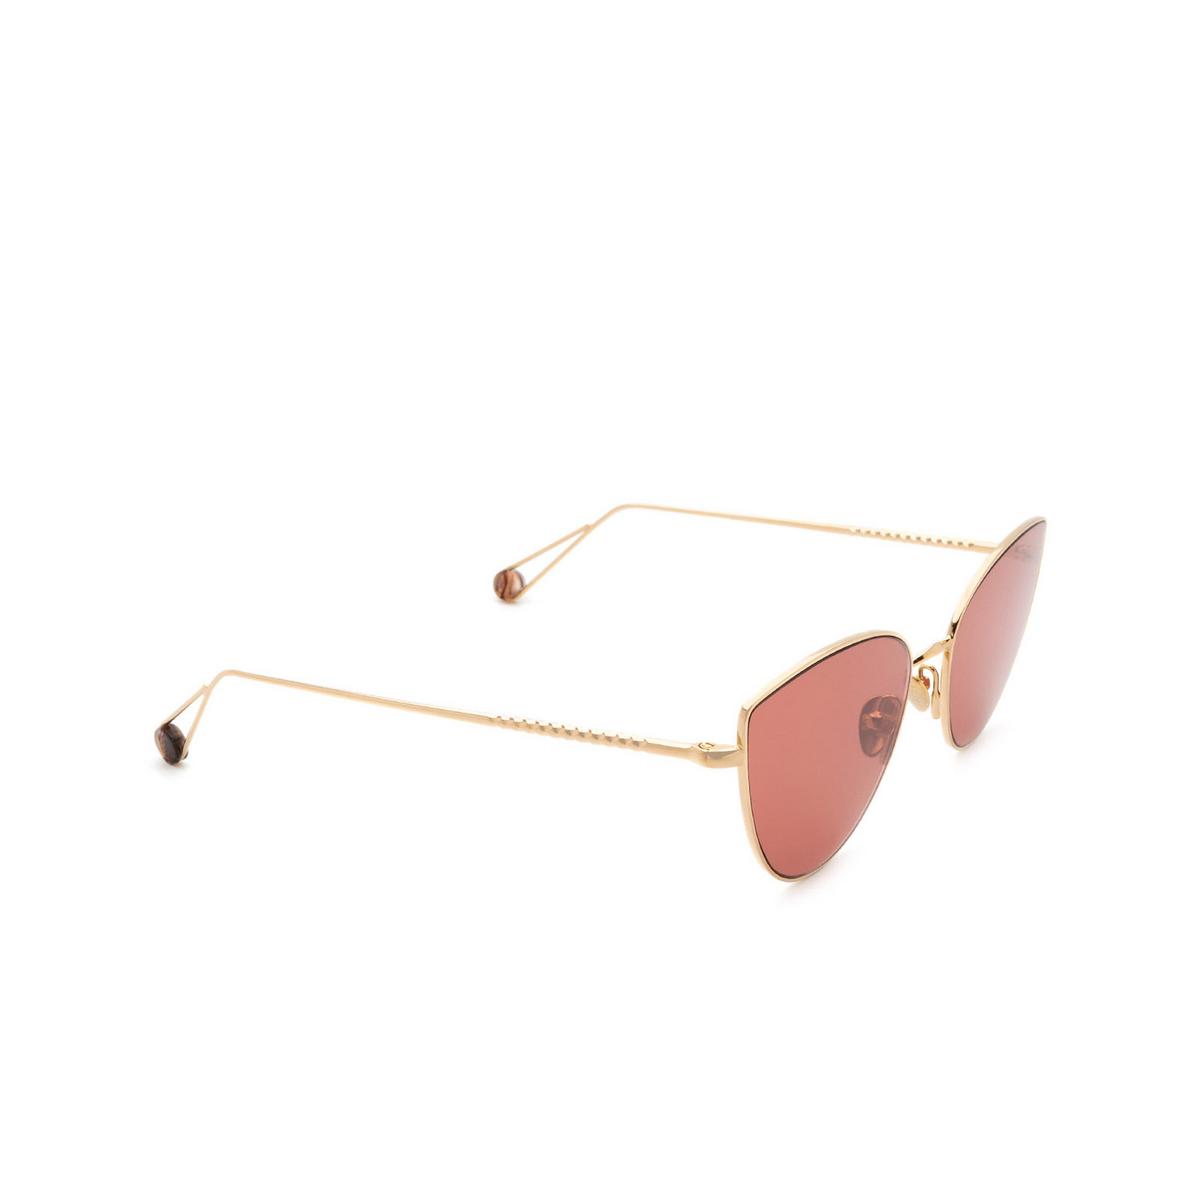 Ahlem® Cat-eye Sunglasses: Place Du Louvre color Champagne.